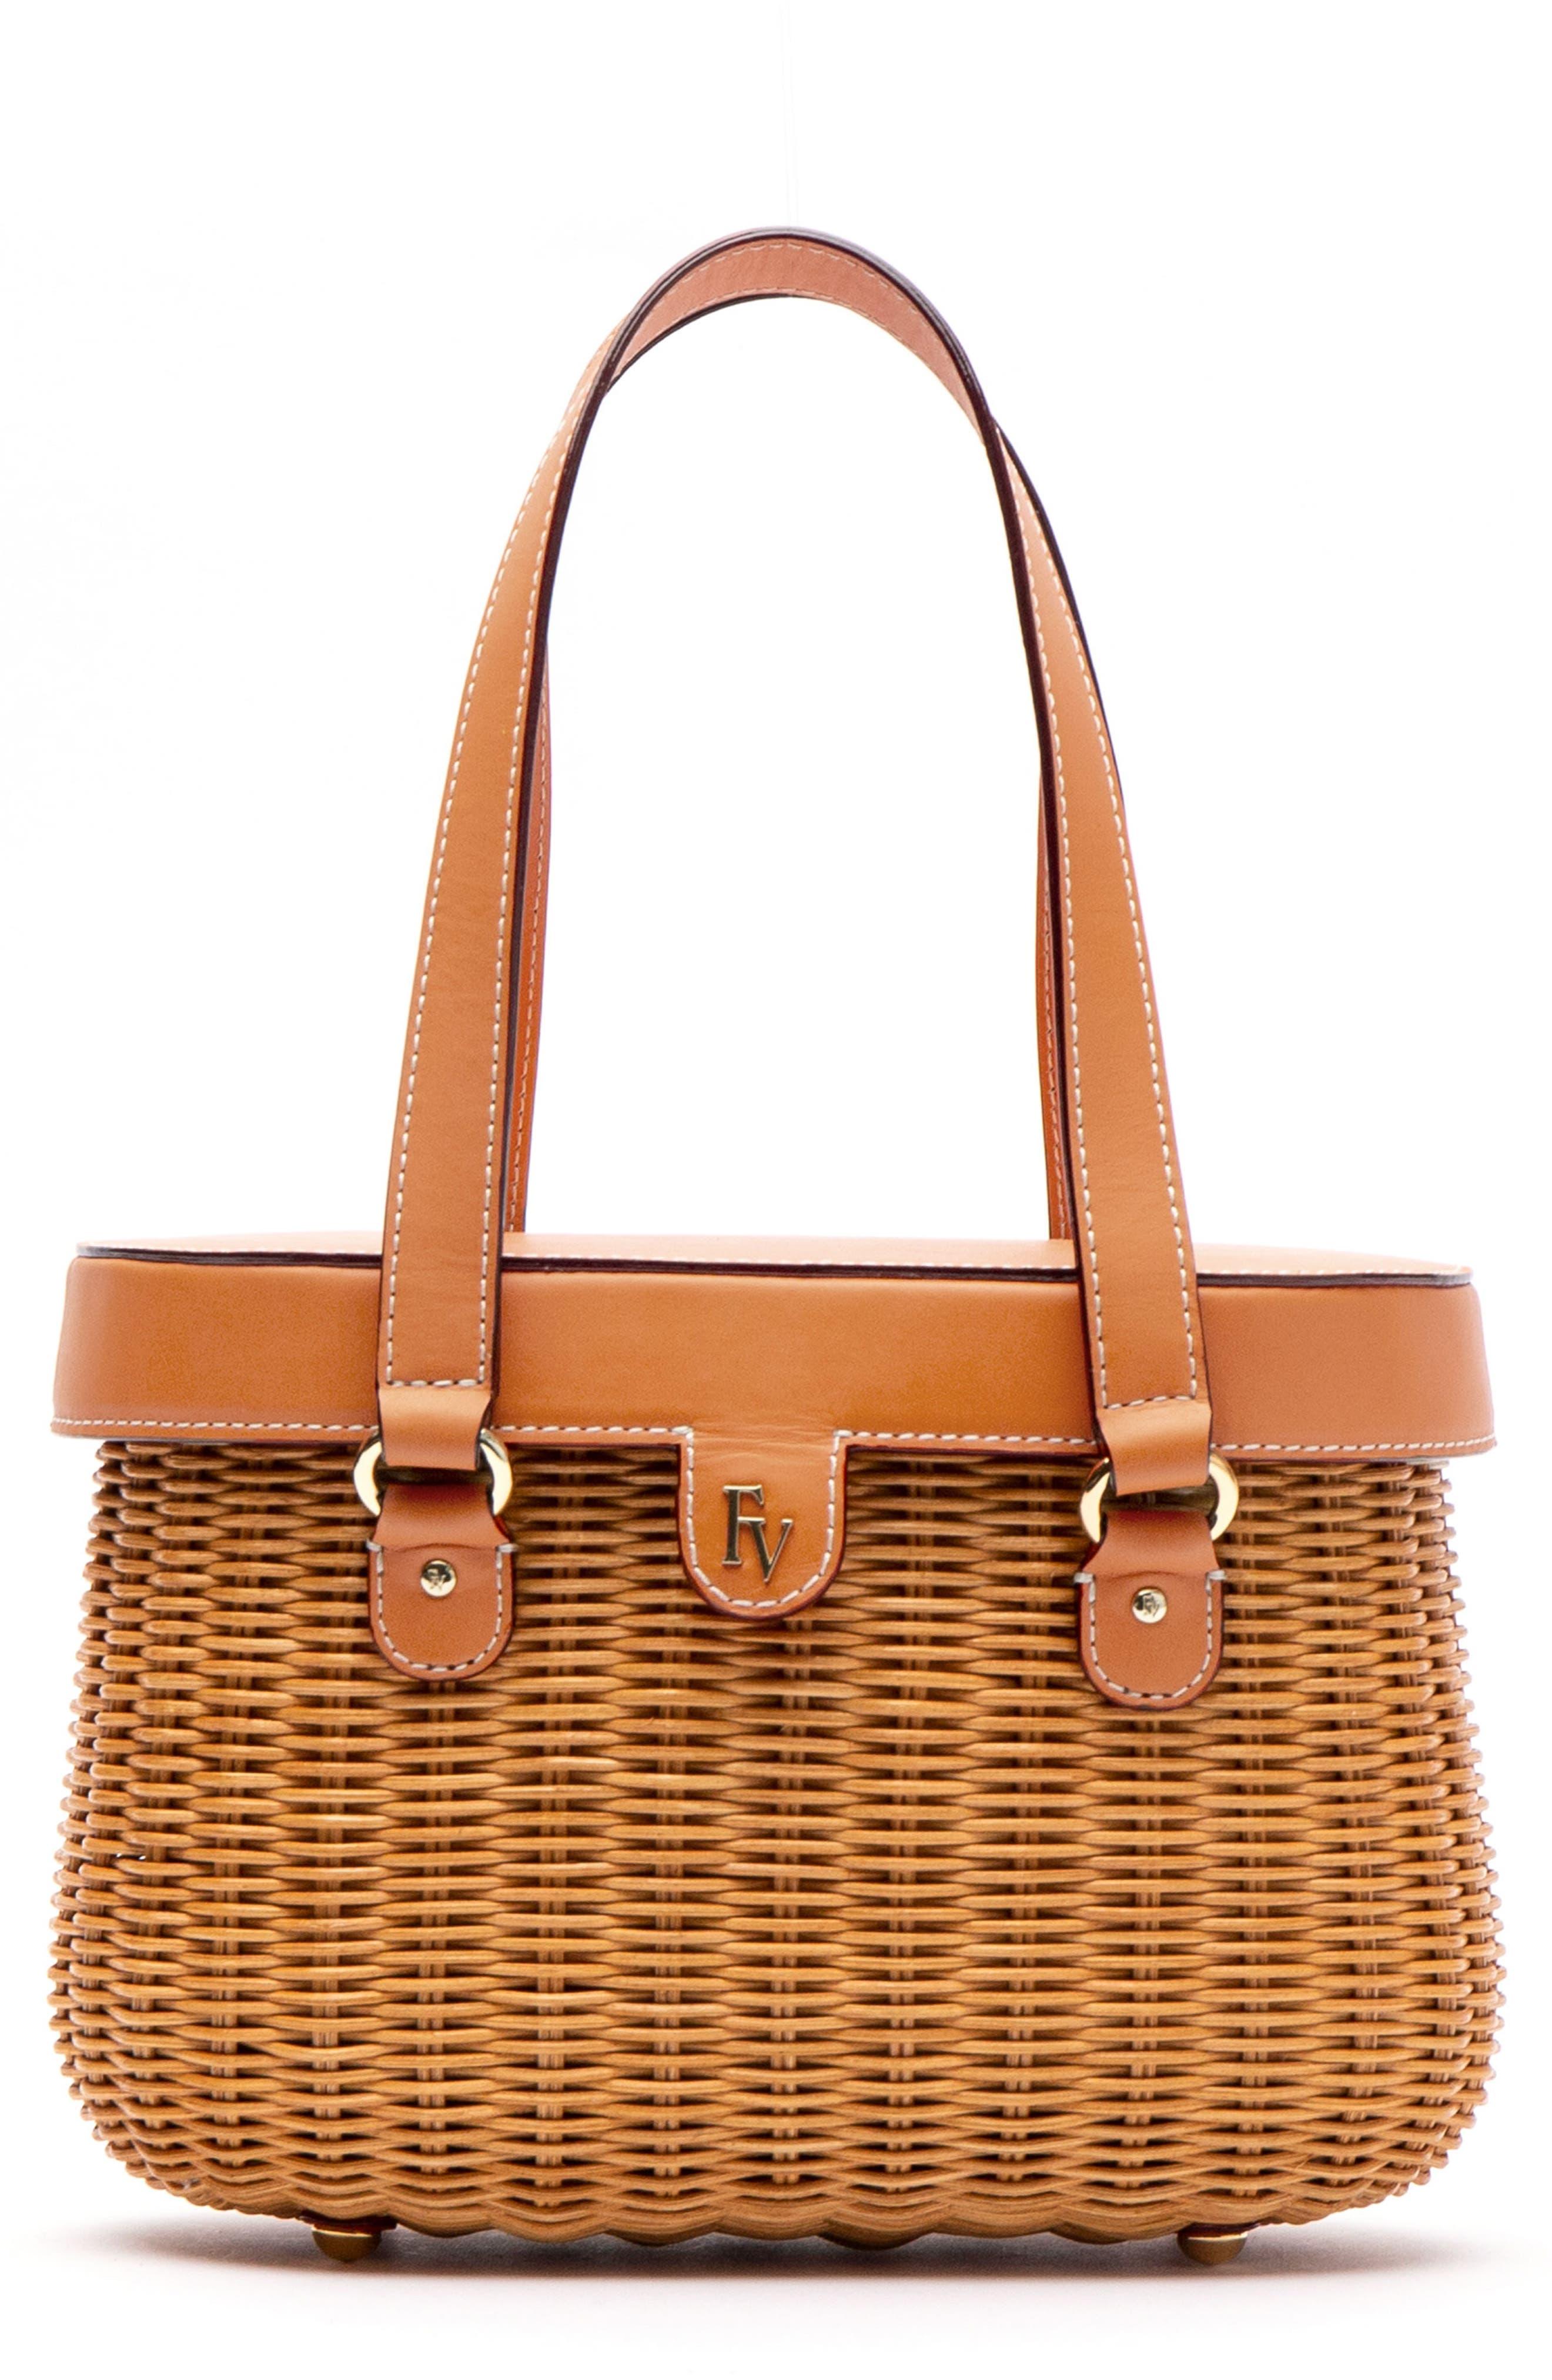 bbddfa6800 Frances Valentine Arielle Wicker Top Handle Bag - Beige